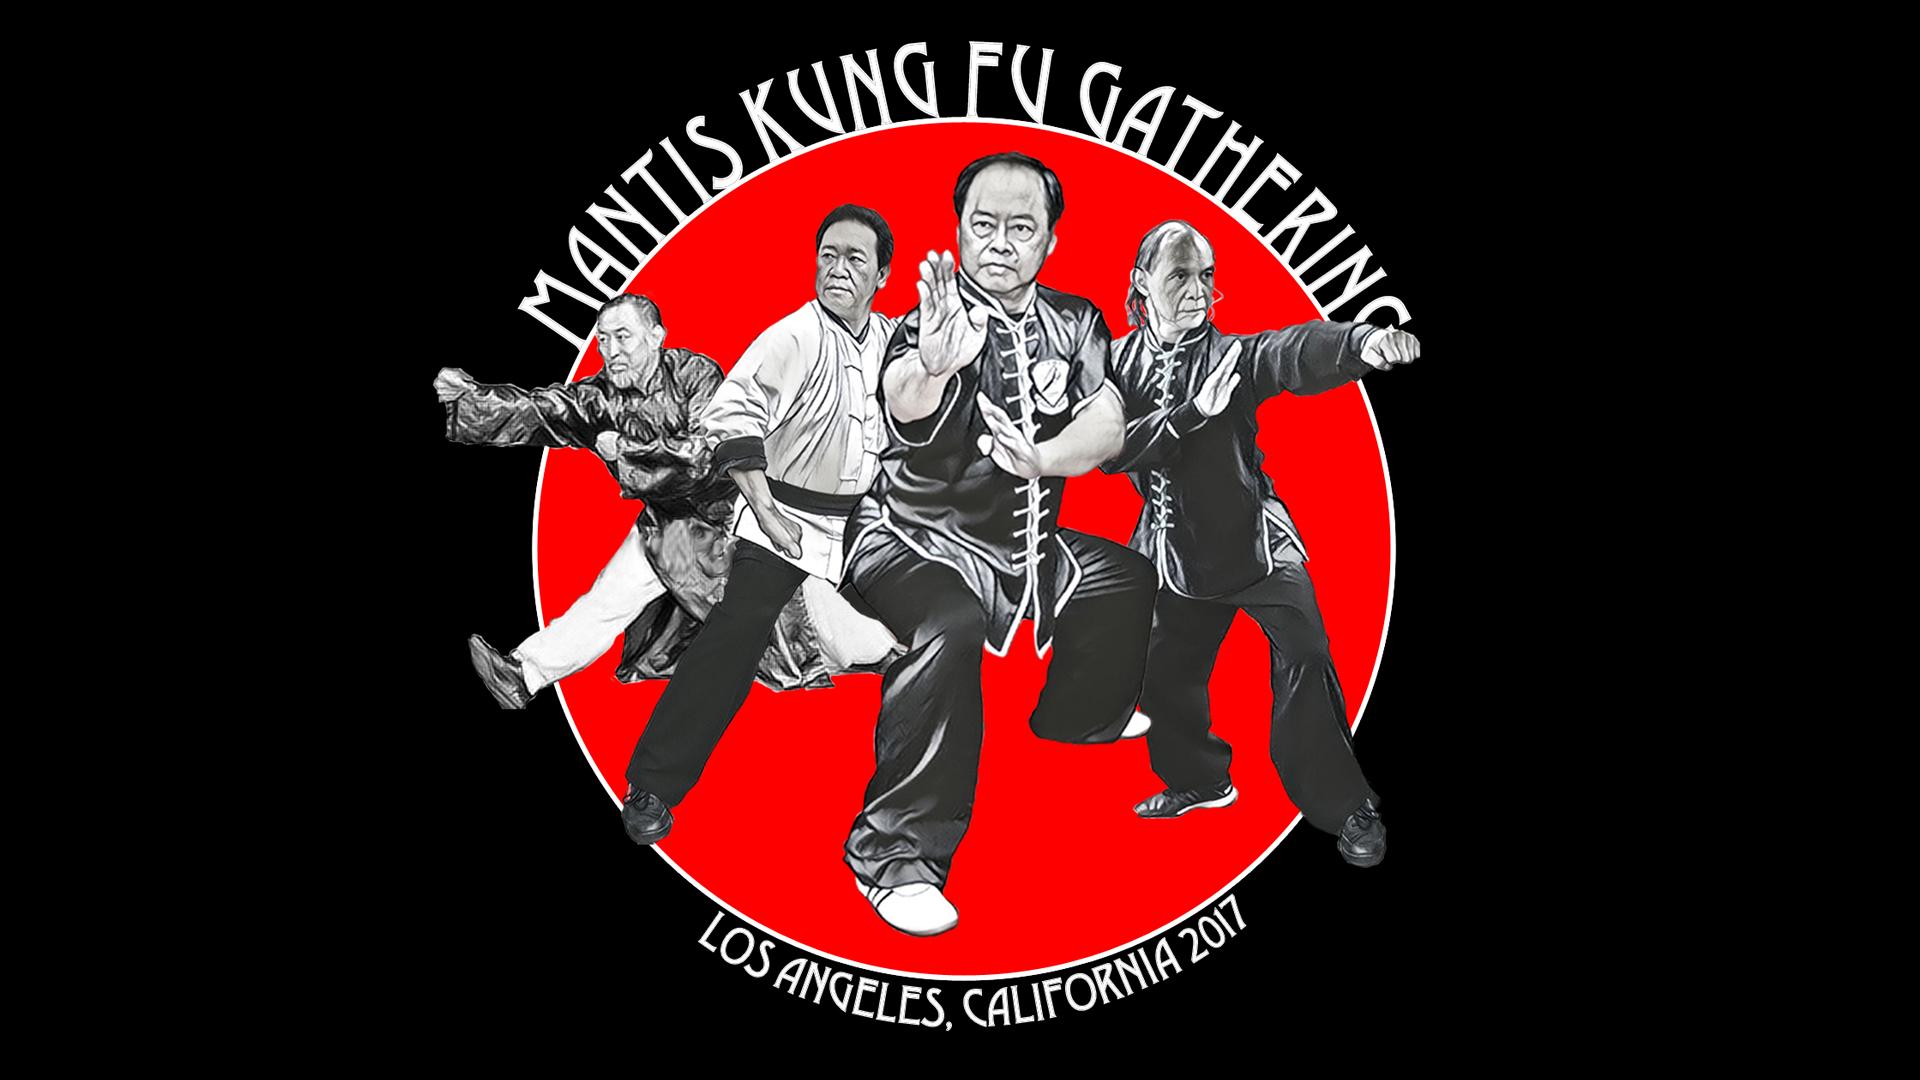 Mantis Kung Fu Gathering